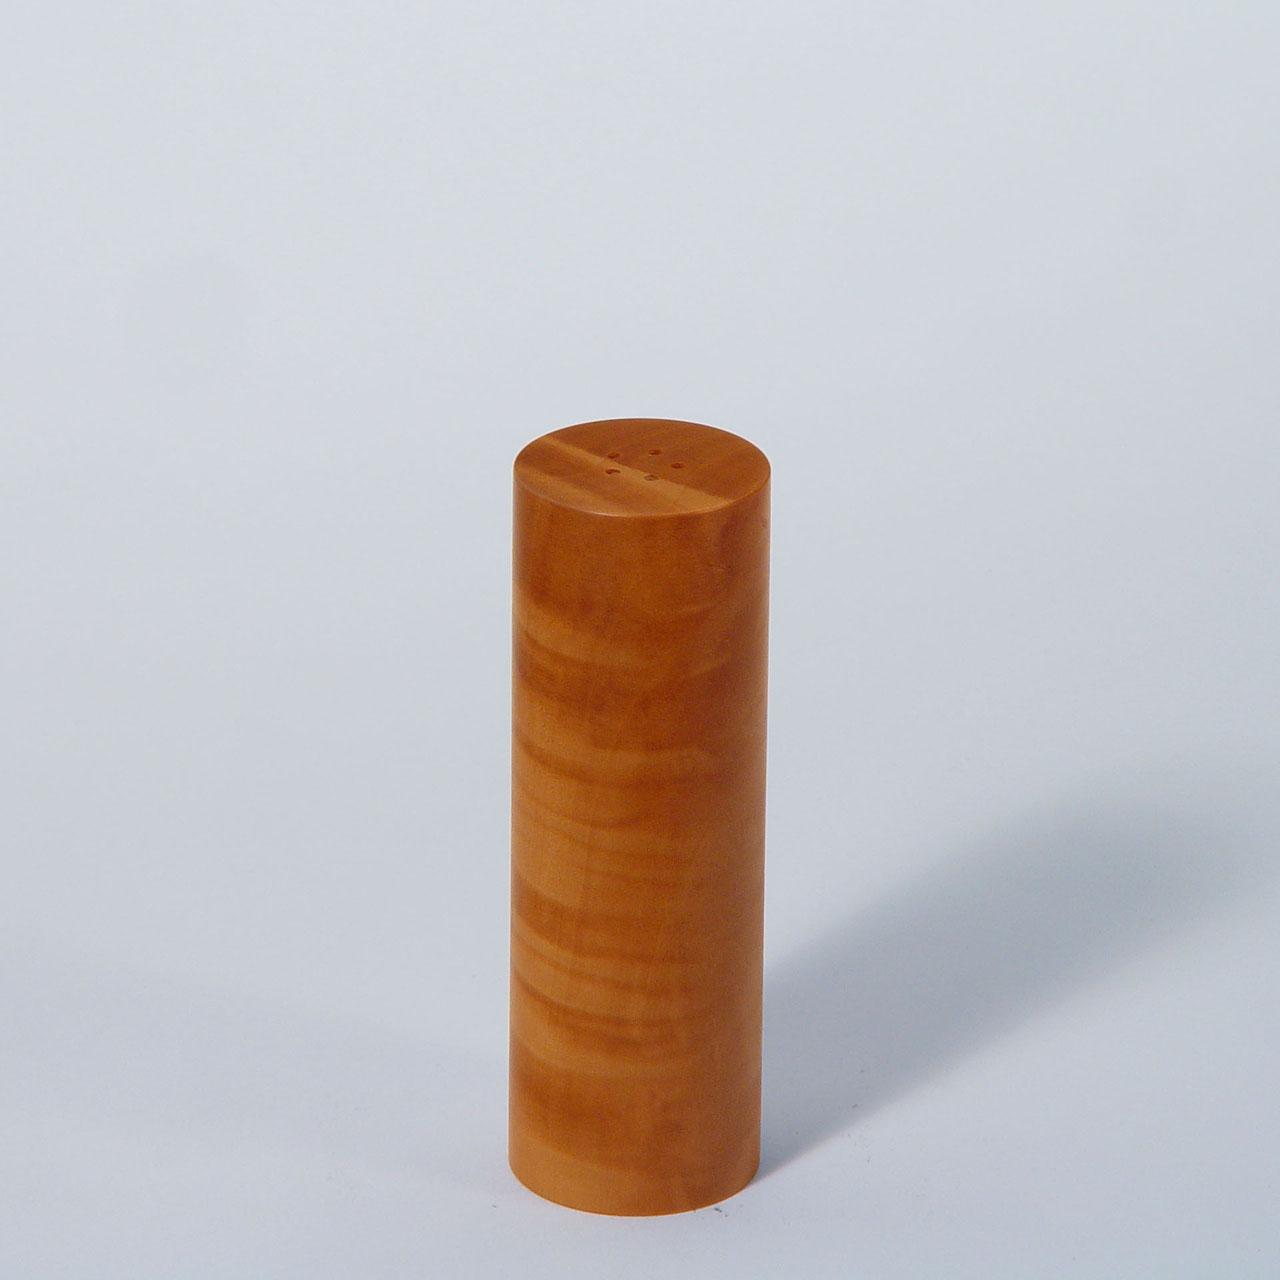 Holz Salzstreuer Im Edlen Bestandig Design